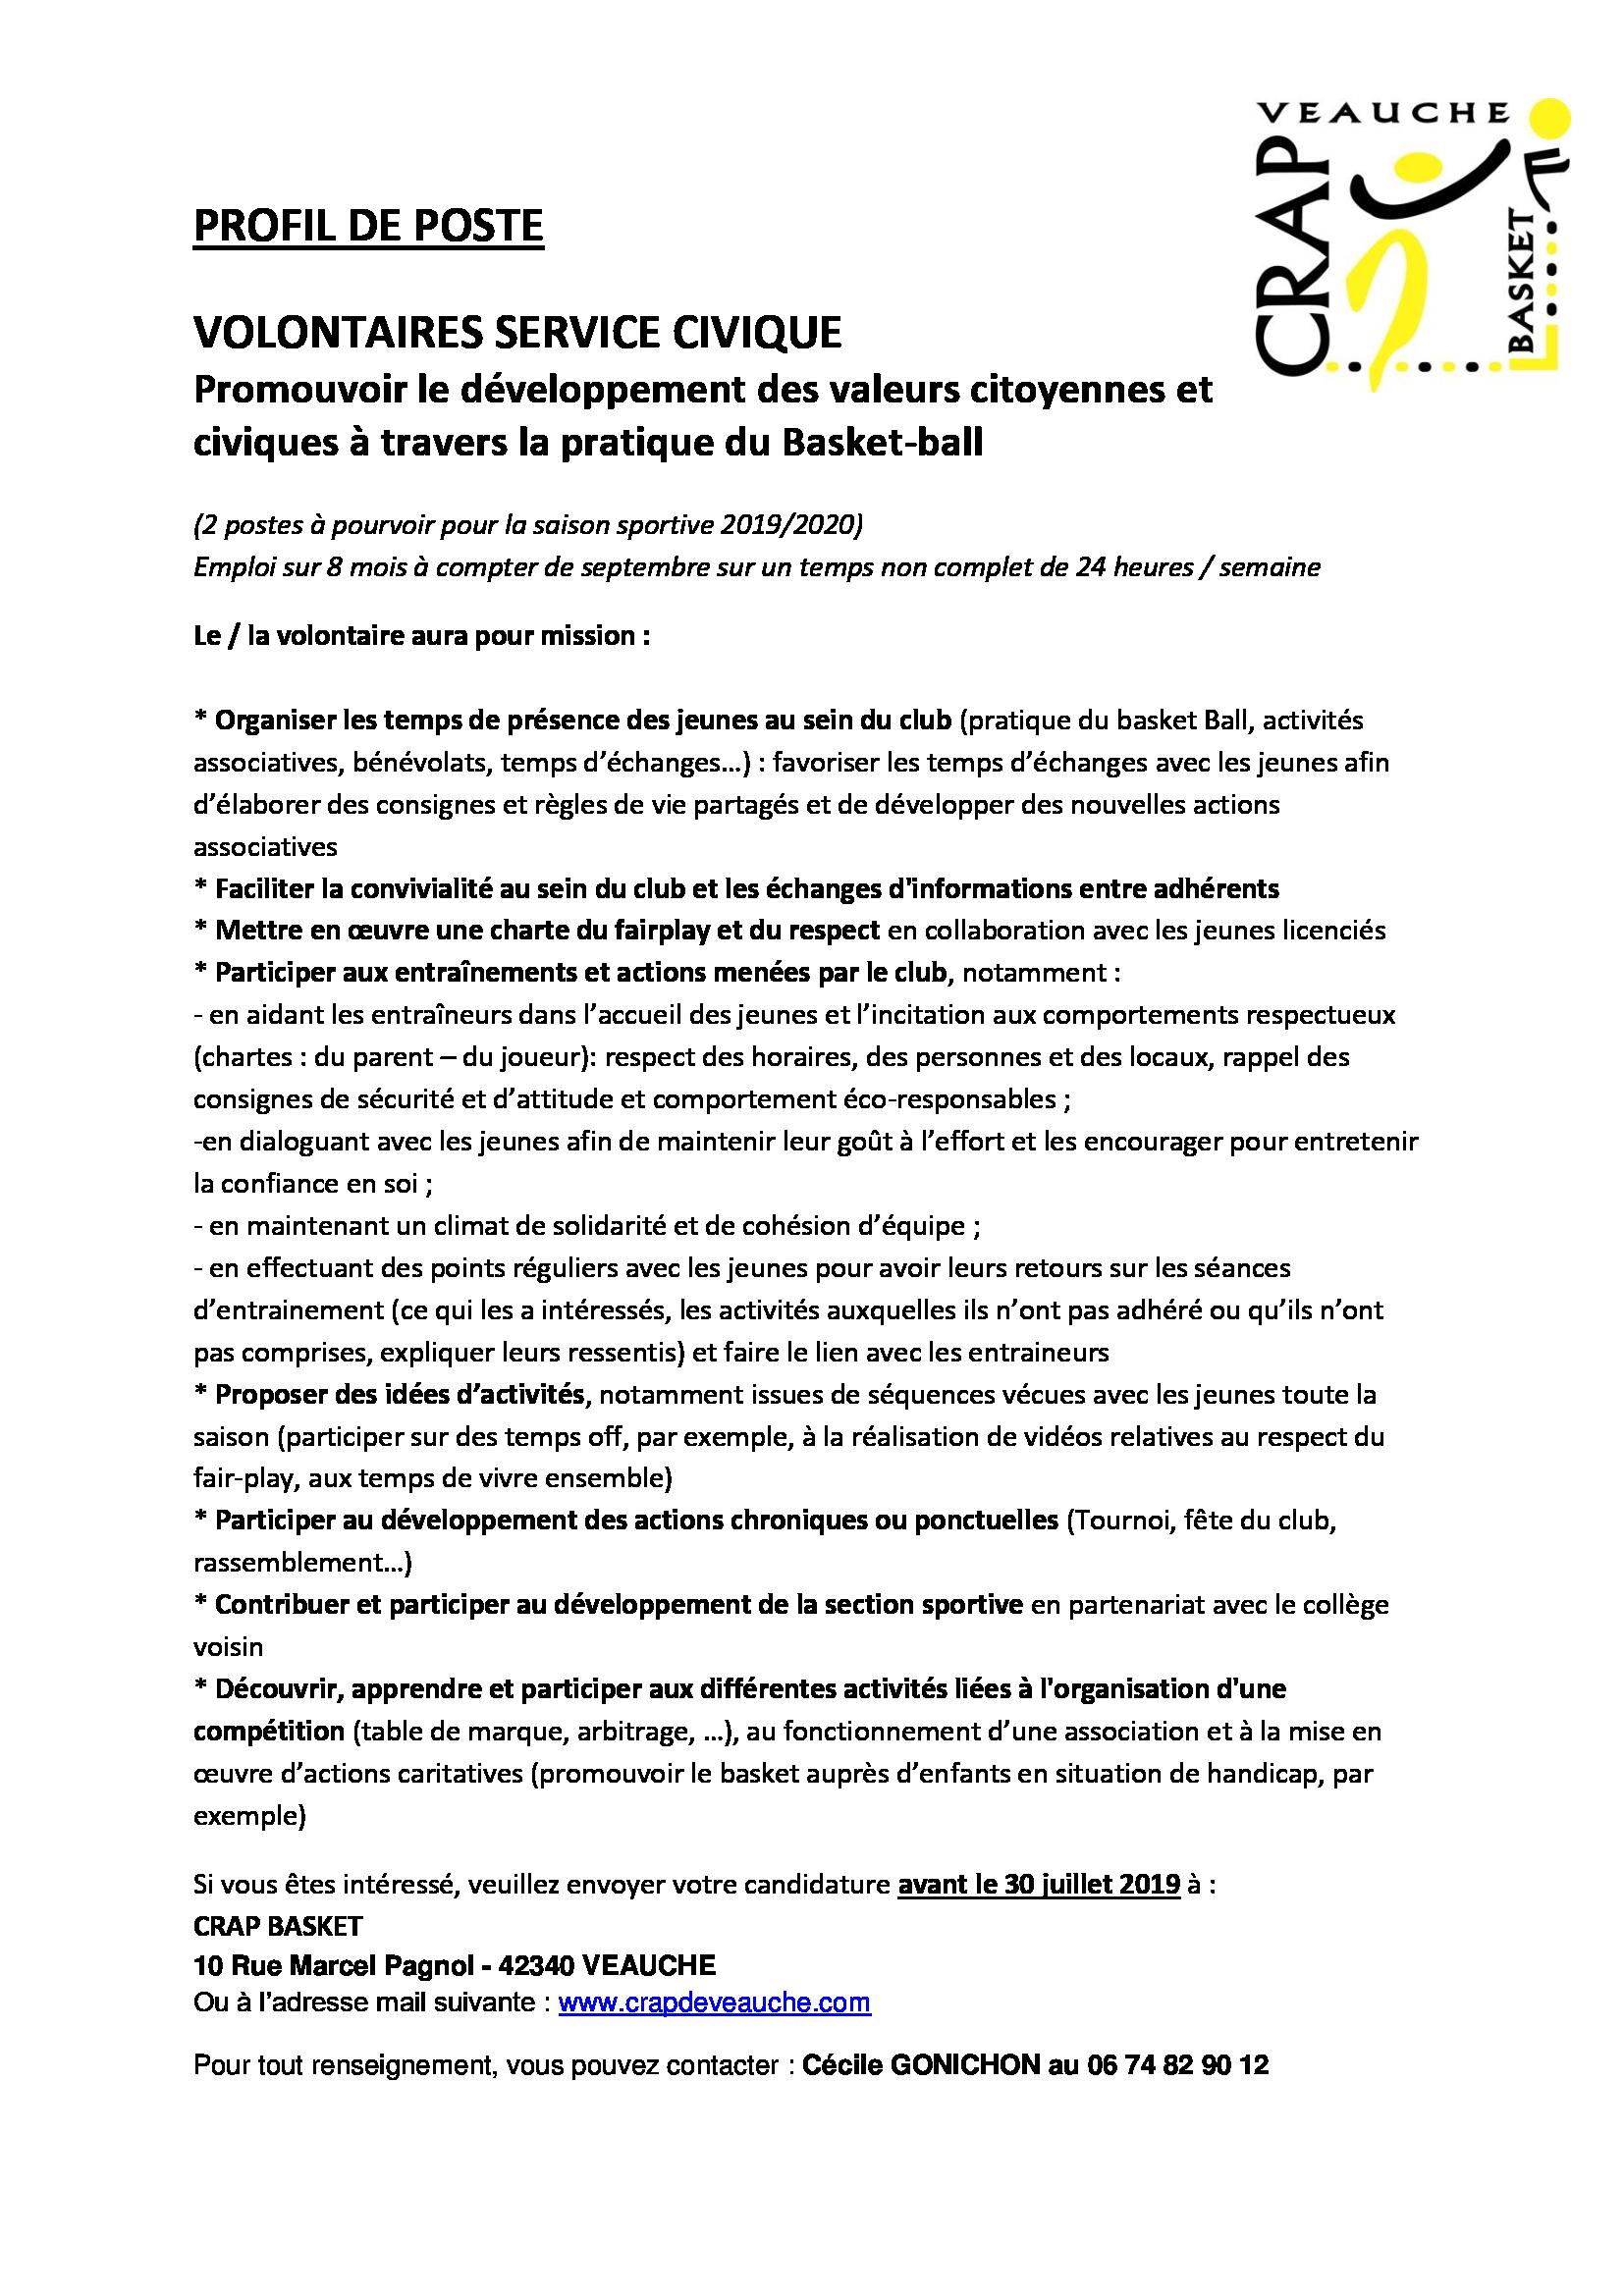 PROFIL-DE-POSTE-SERVICE-CIVIQUEv2.jpg